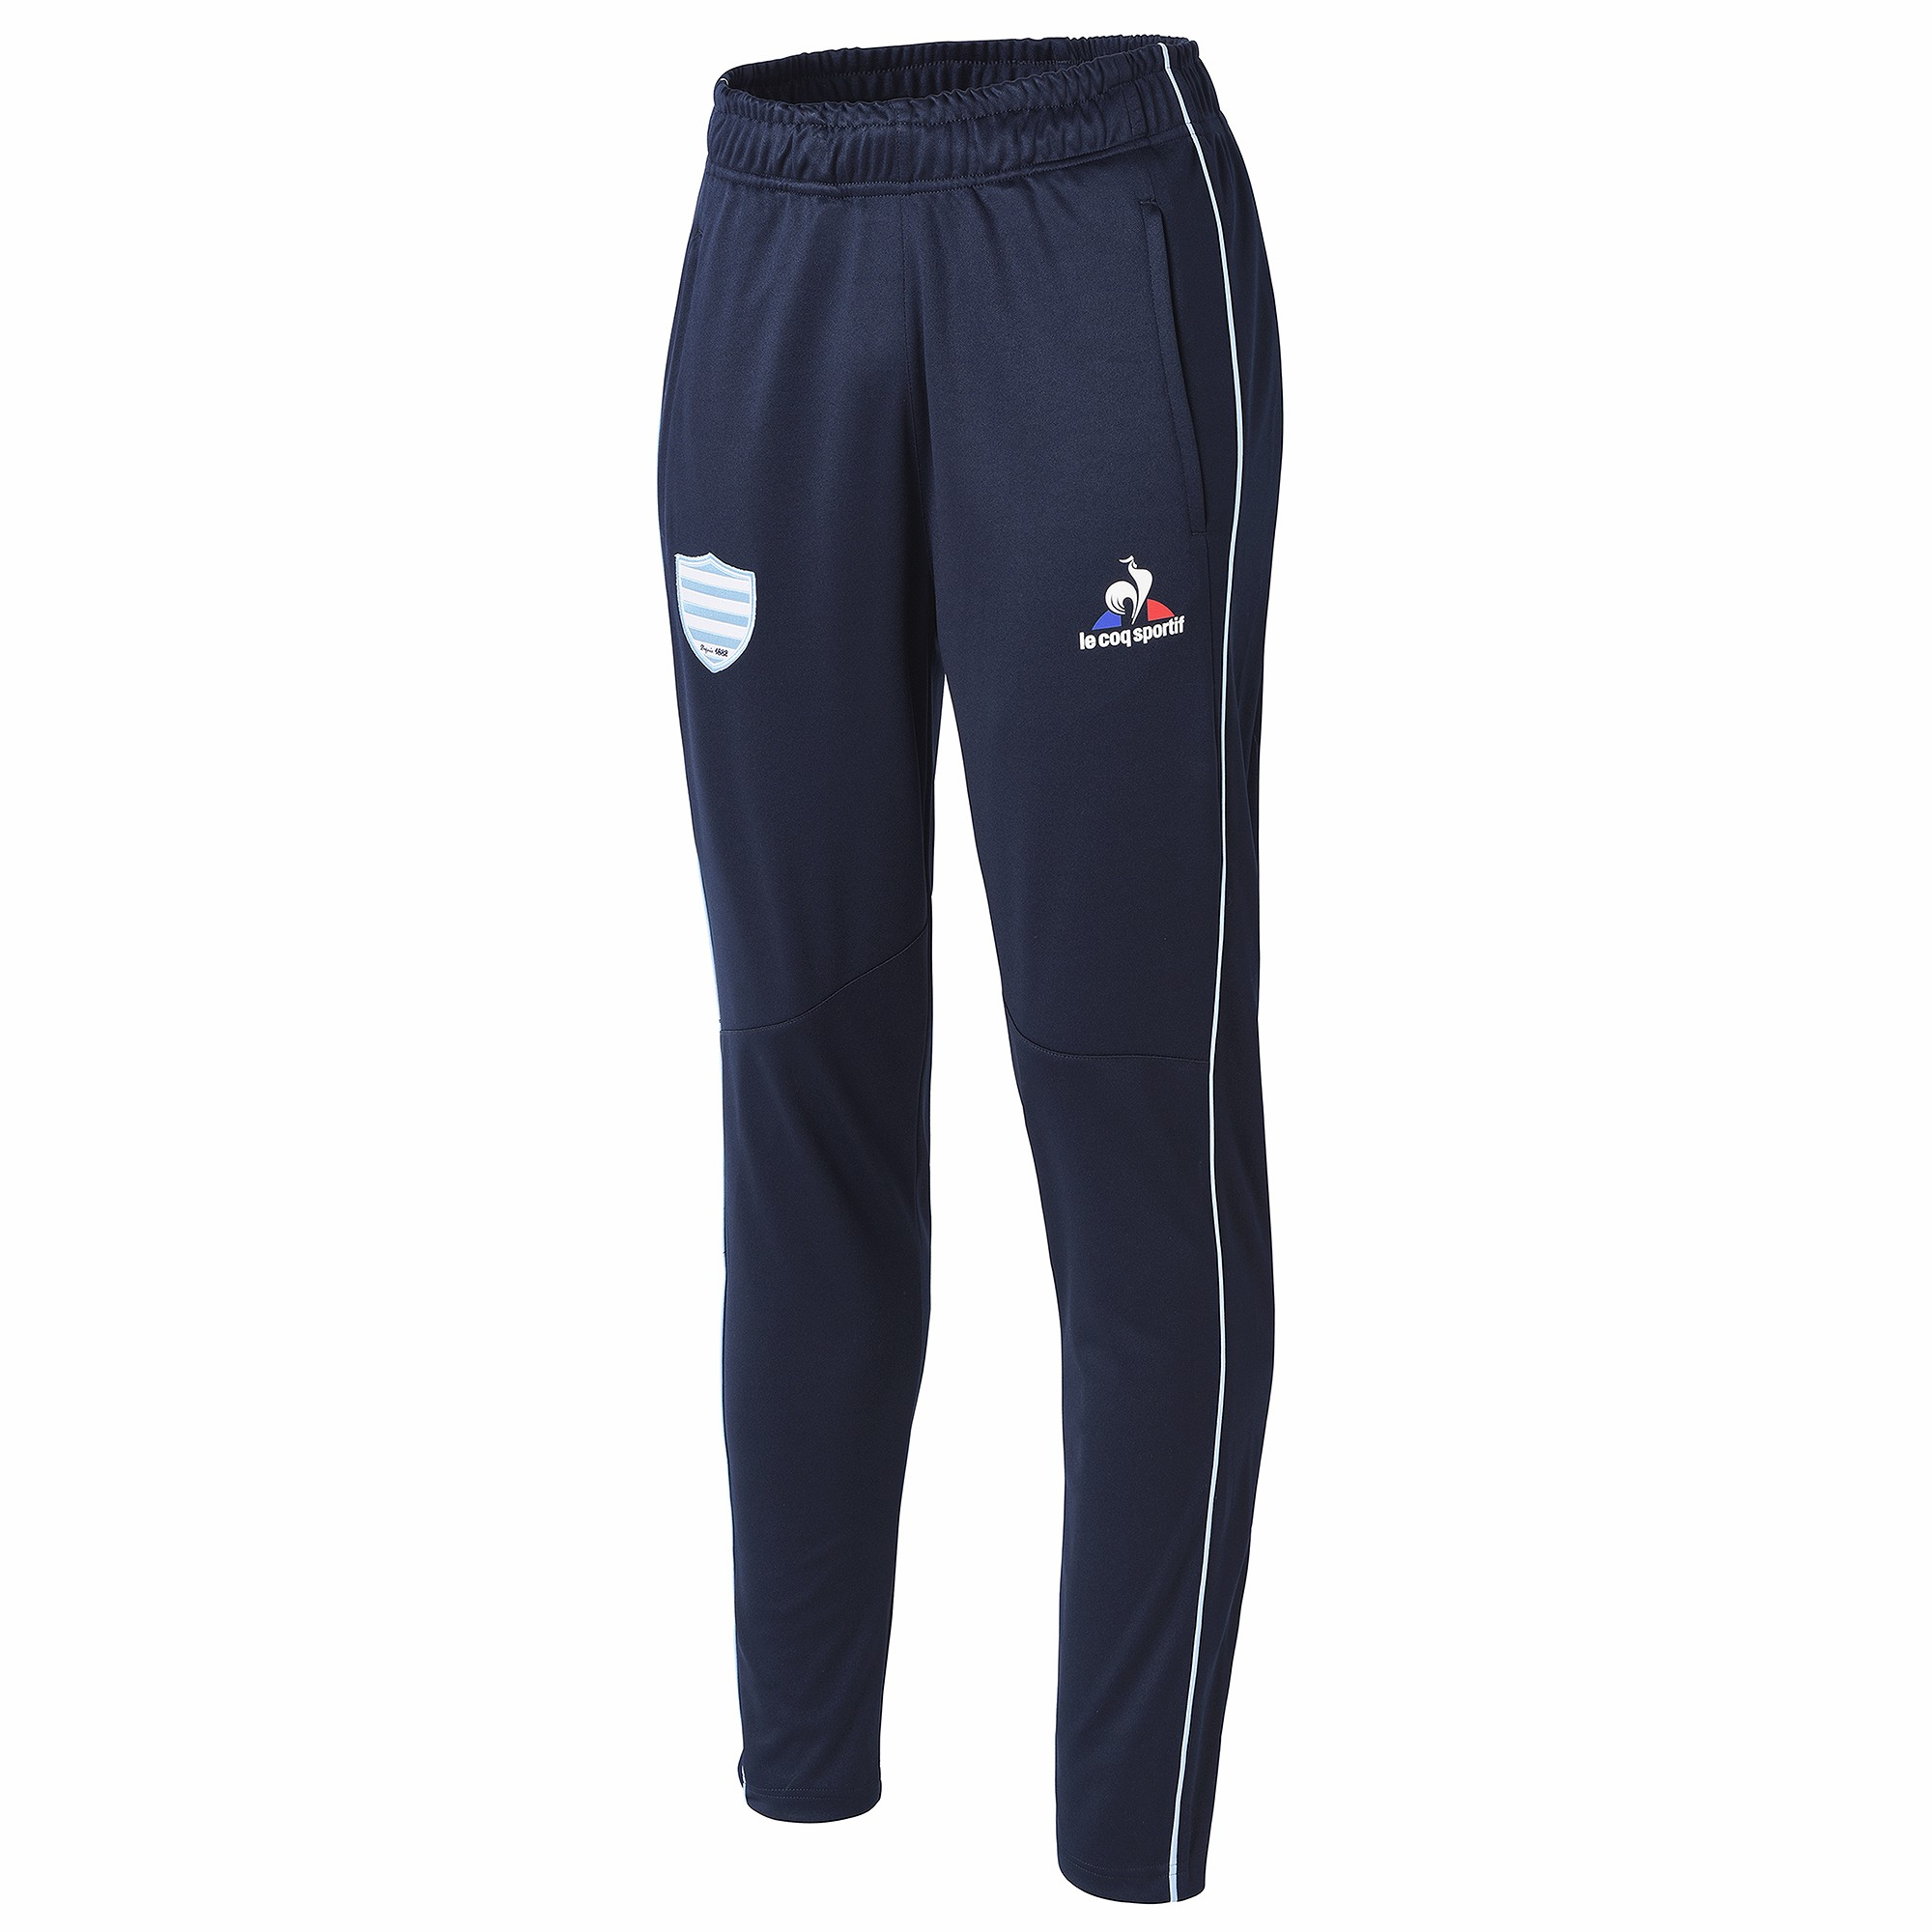 pantalon coq sportif femme noir